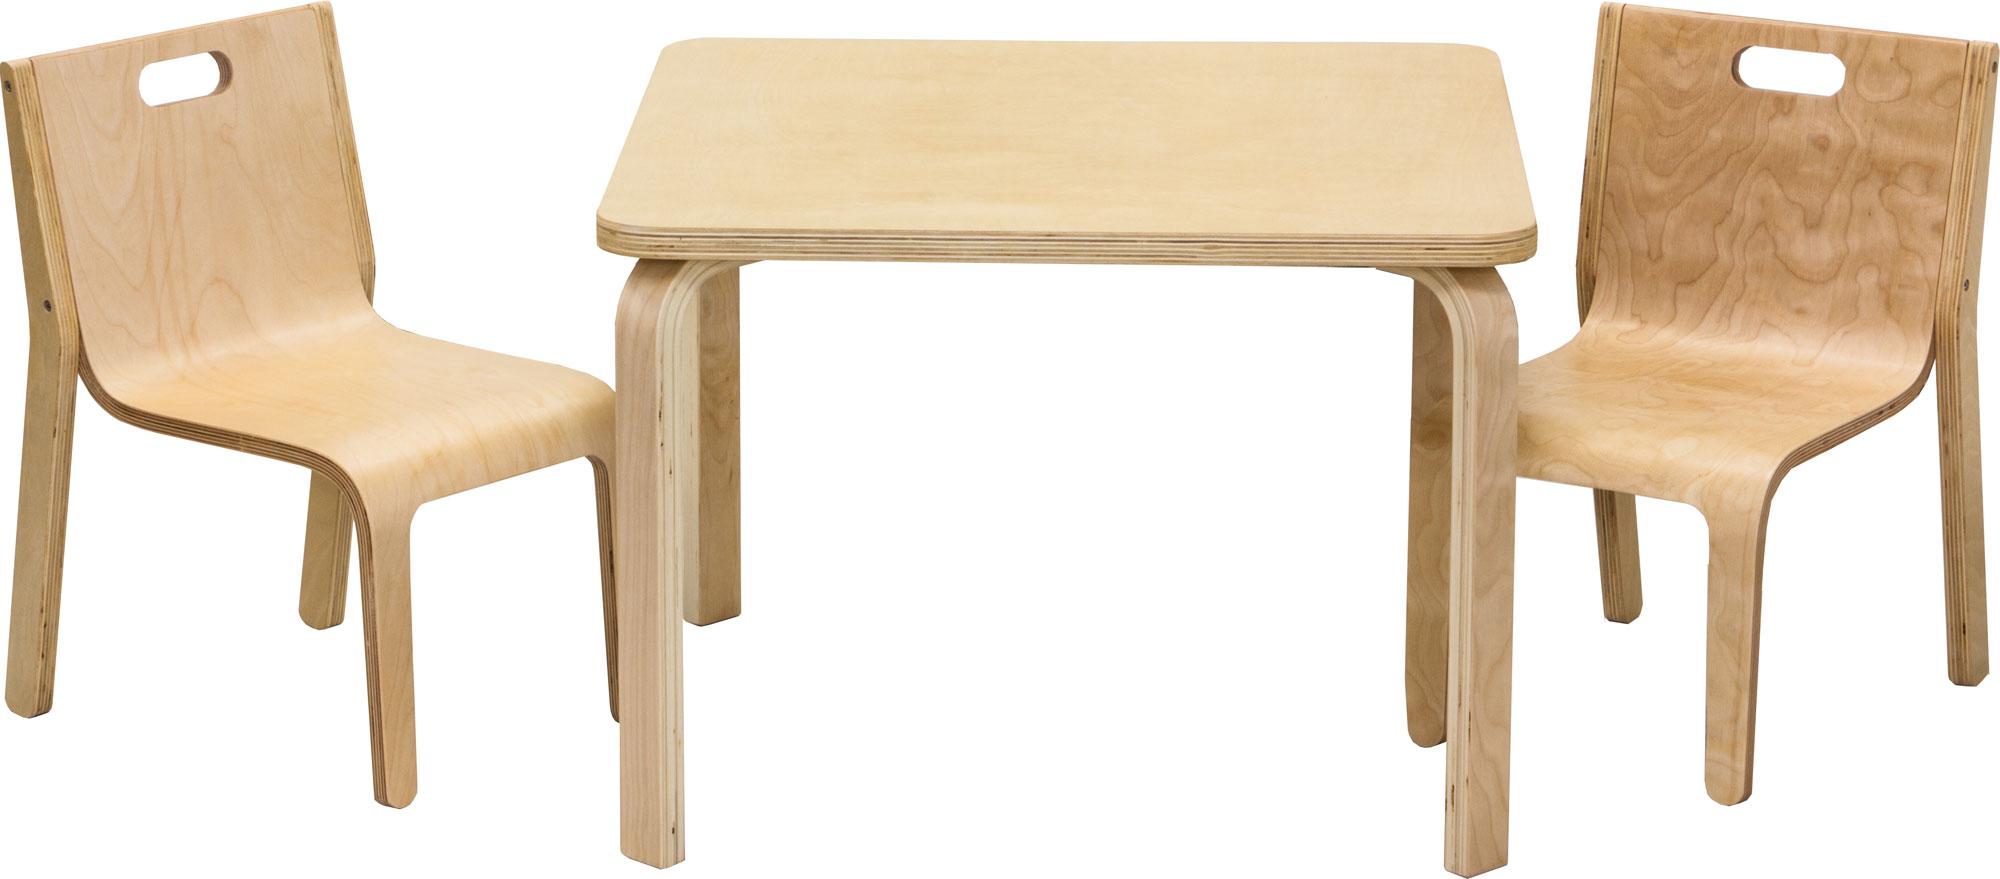 meubles enfants joel table chaises et banc toybox ch ne jouets s 39 asseoir set ebay. Black Bedroom Furniture Sets. Home Design Ideas